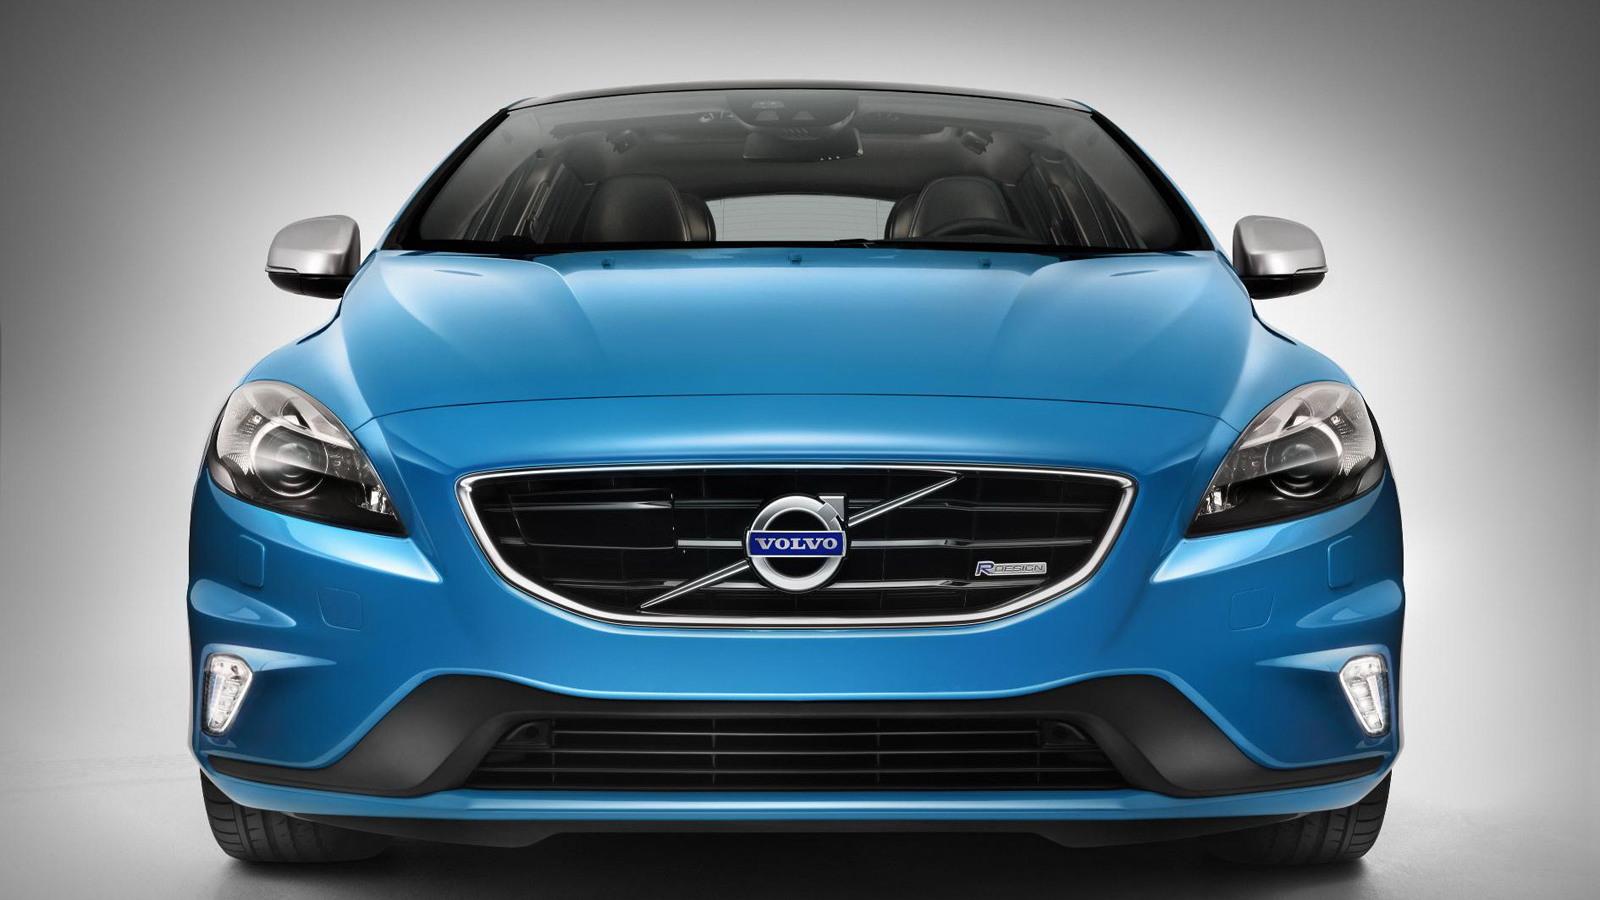 2013 Volvo V40 R-Design